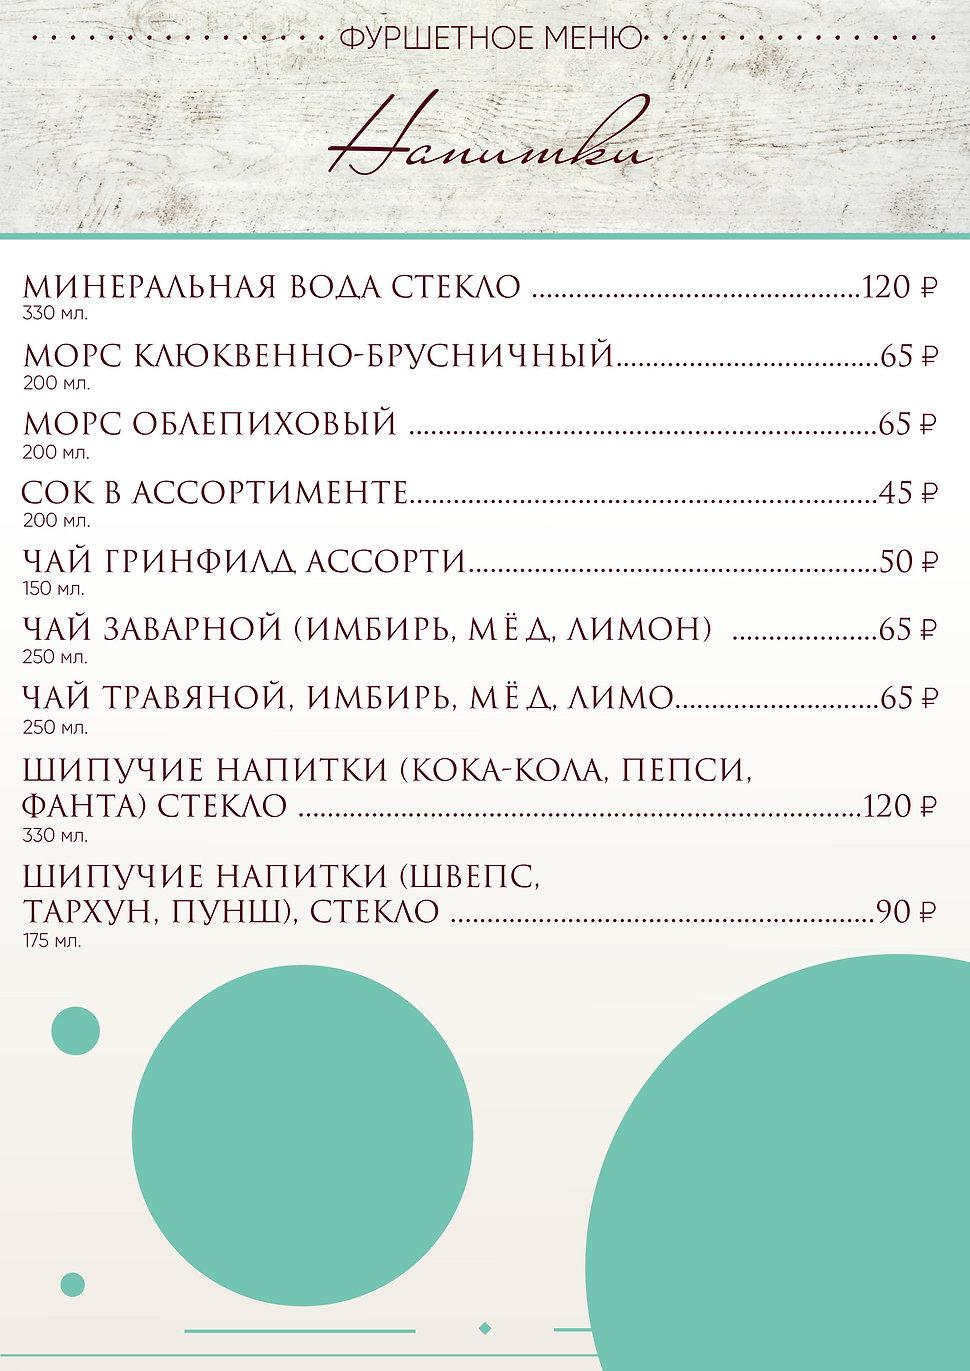 фуршетное меню - 19-2.jpg